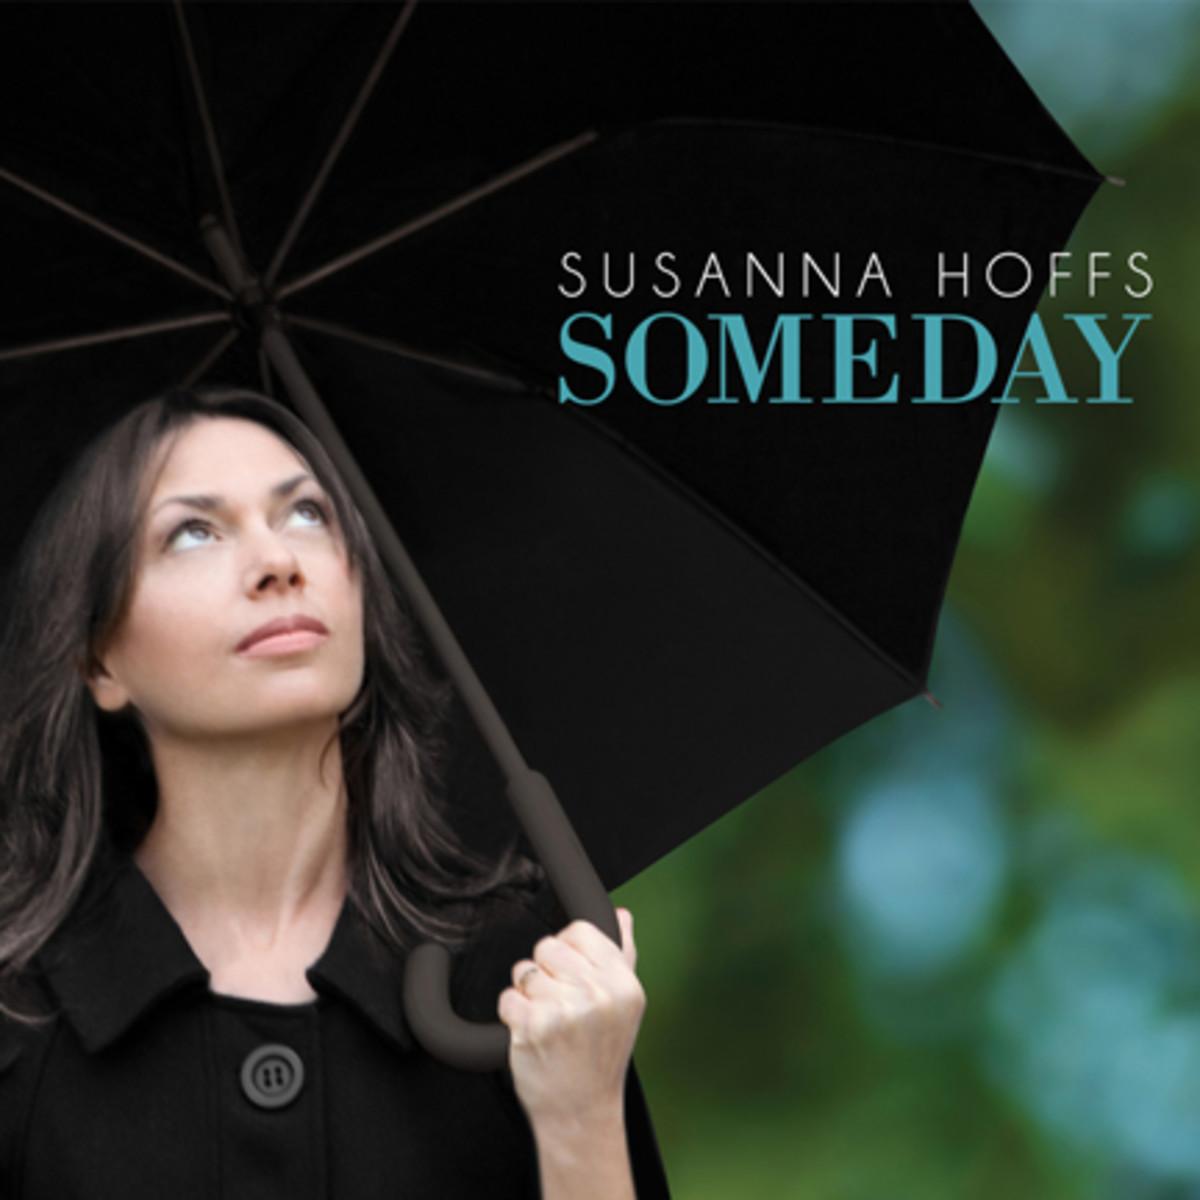 Susanna Hoffs Someday album